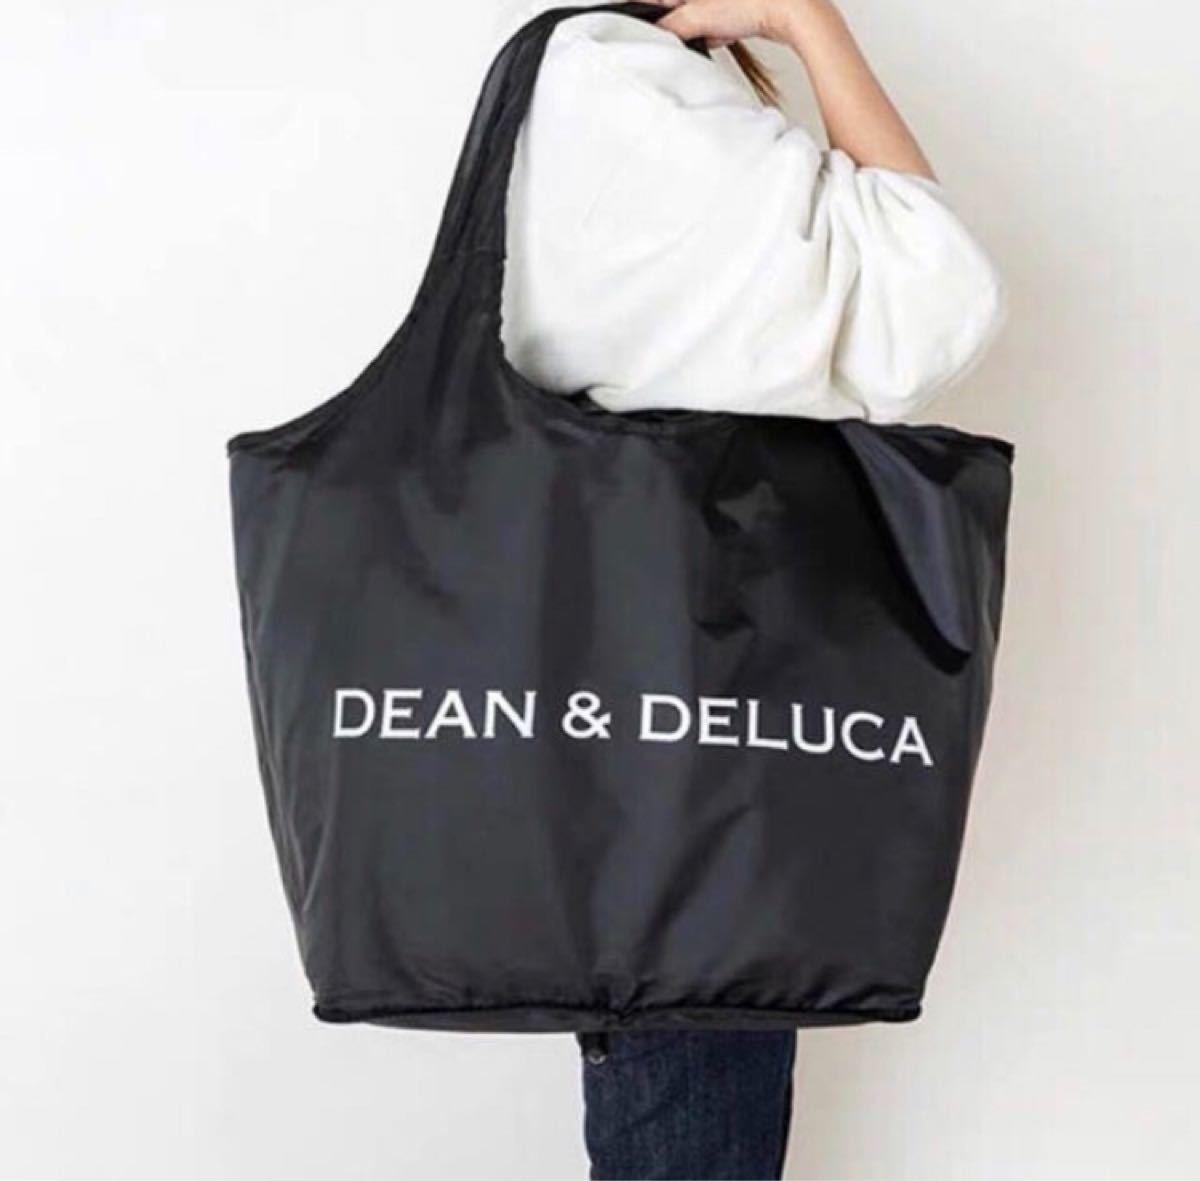 DEAN&DELUCA ディーン&デルーカ トートバッグ レジカゴ  エコバッグ ボトルケース